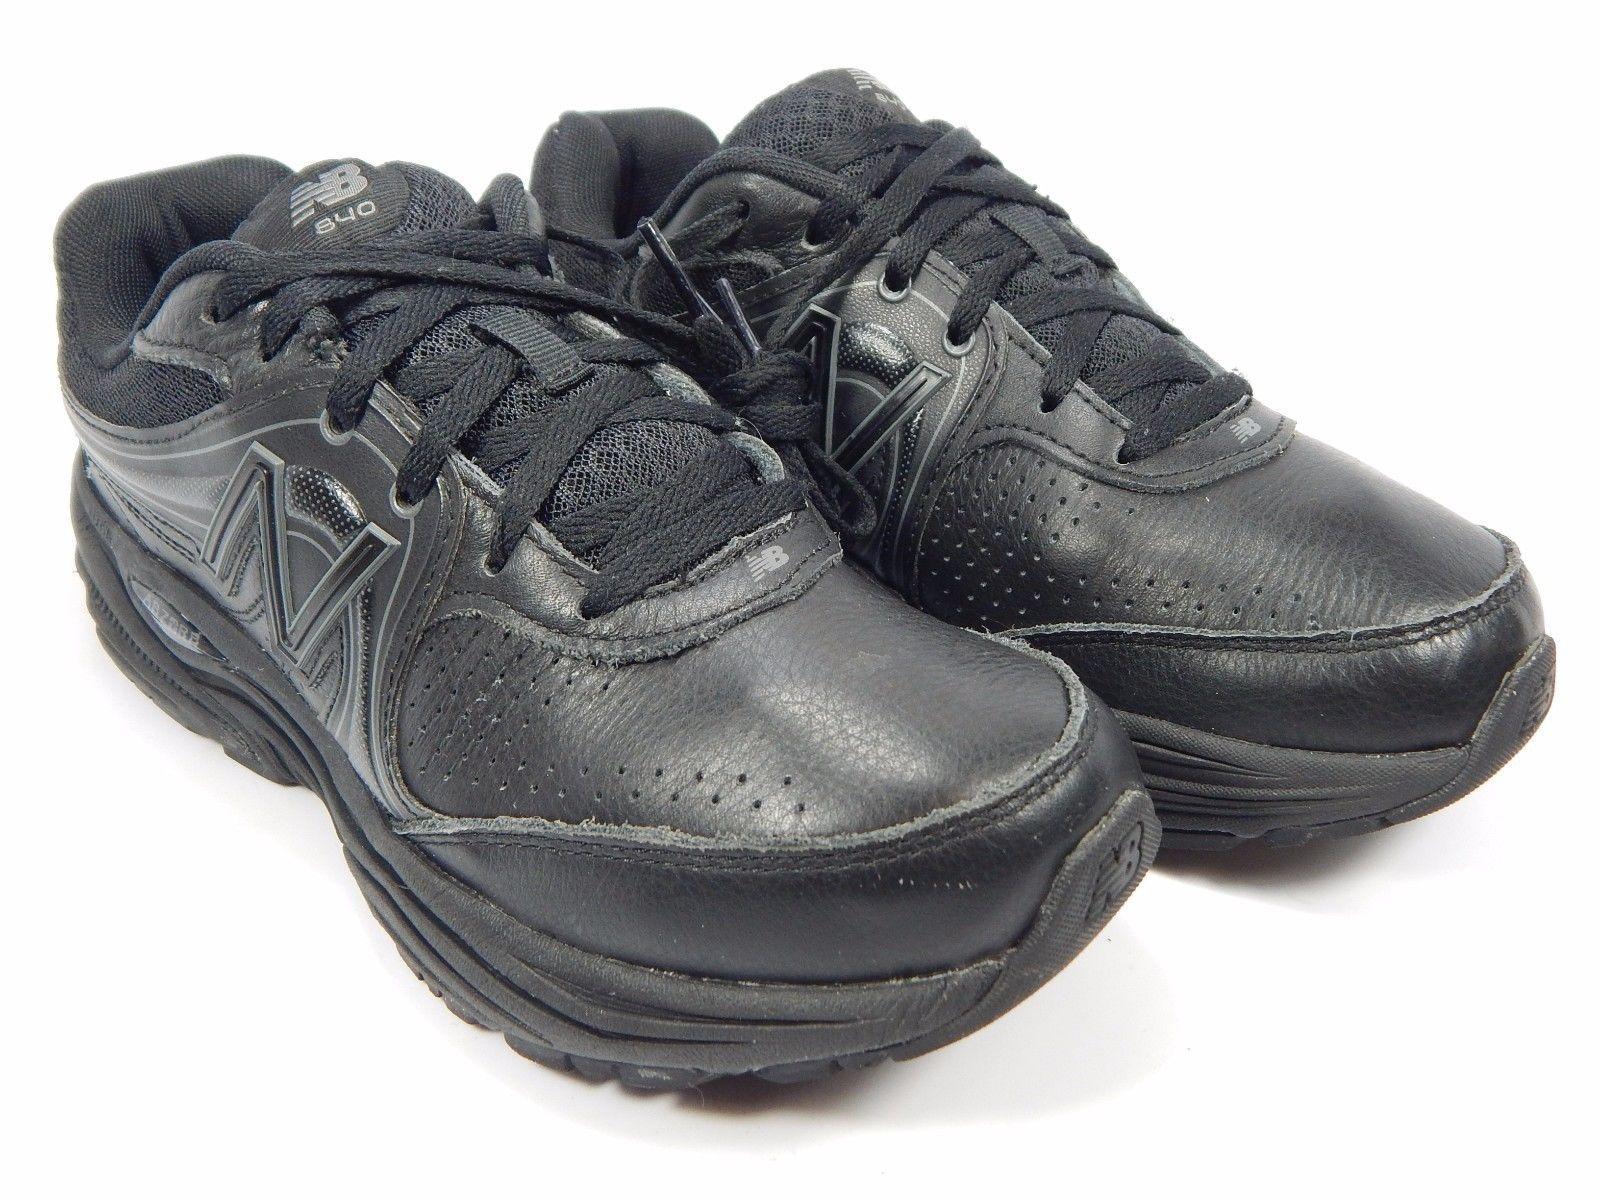 New Balance 840 Women's Walking Shoes Size US 7 M (B) EU 37.5 Black WW840BK